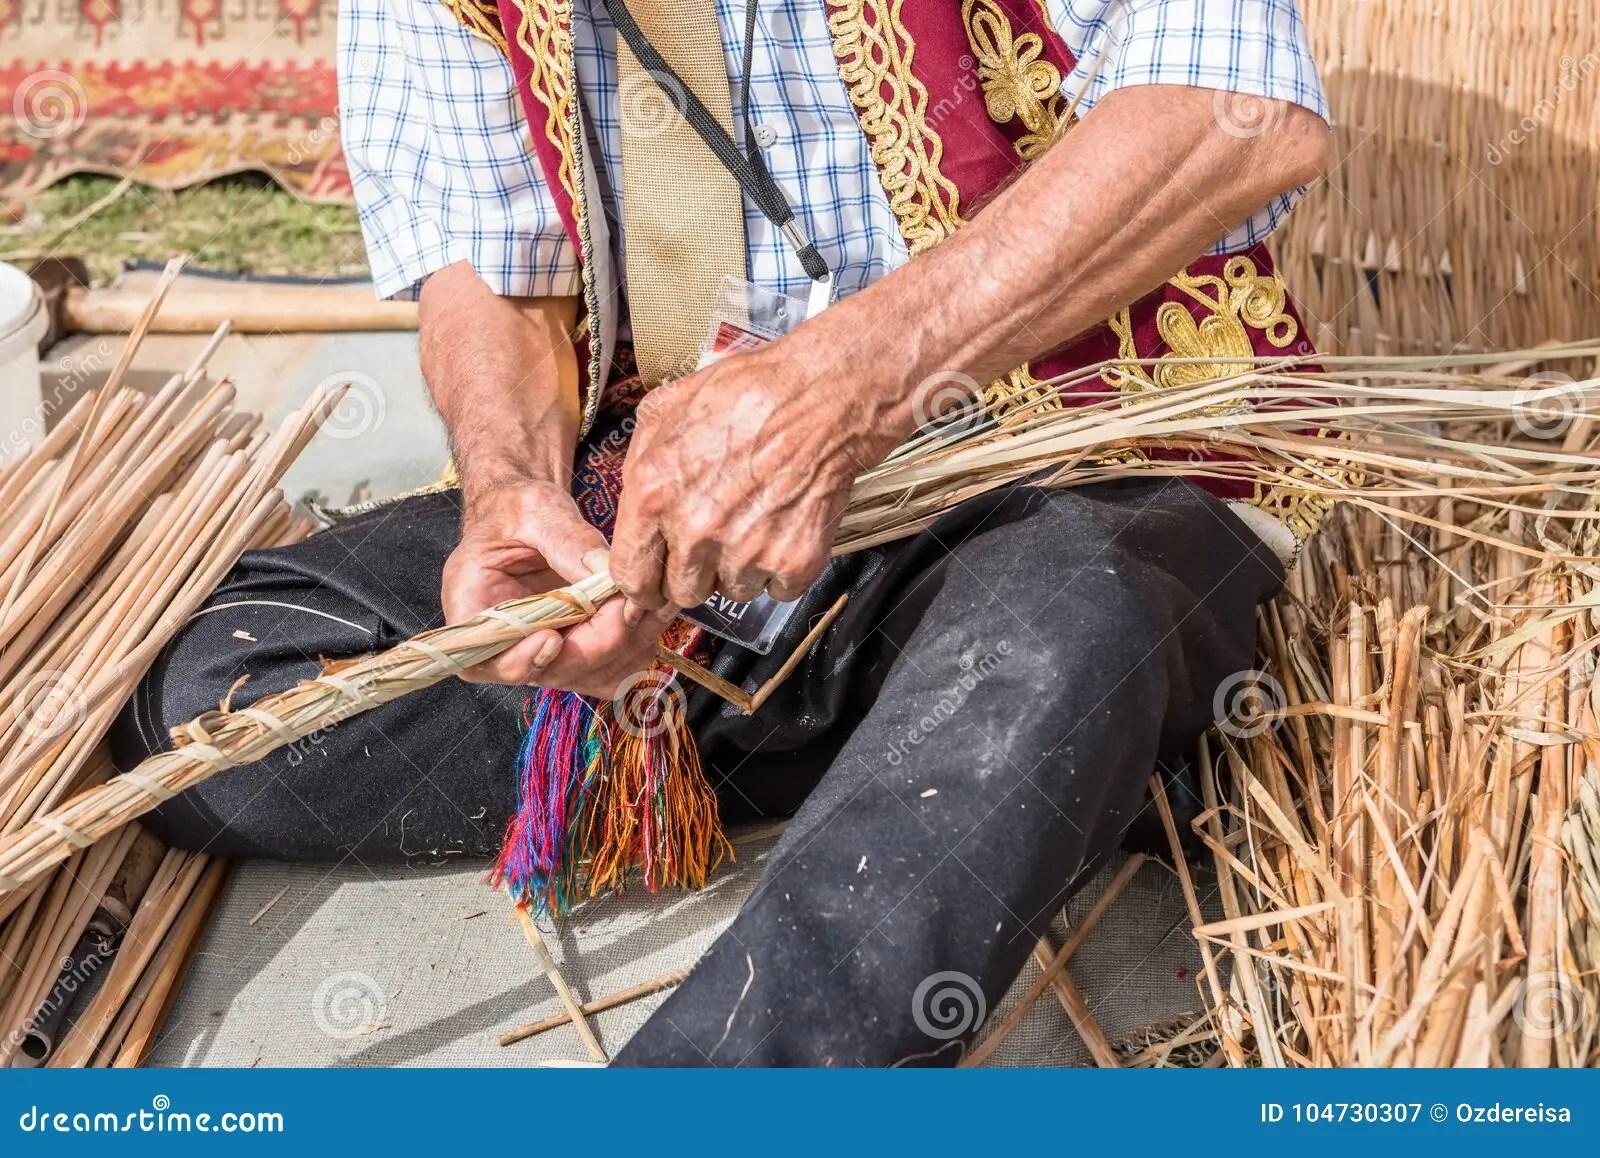 Old Turkish Man Making Traditional Wicker Basket Stock